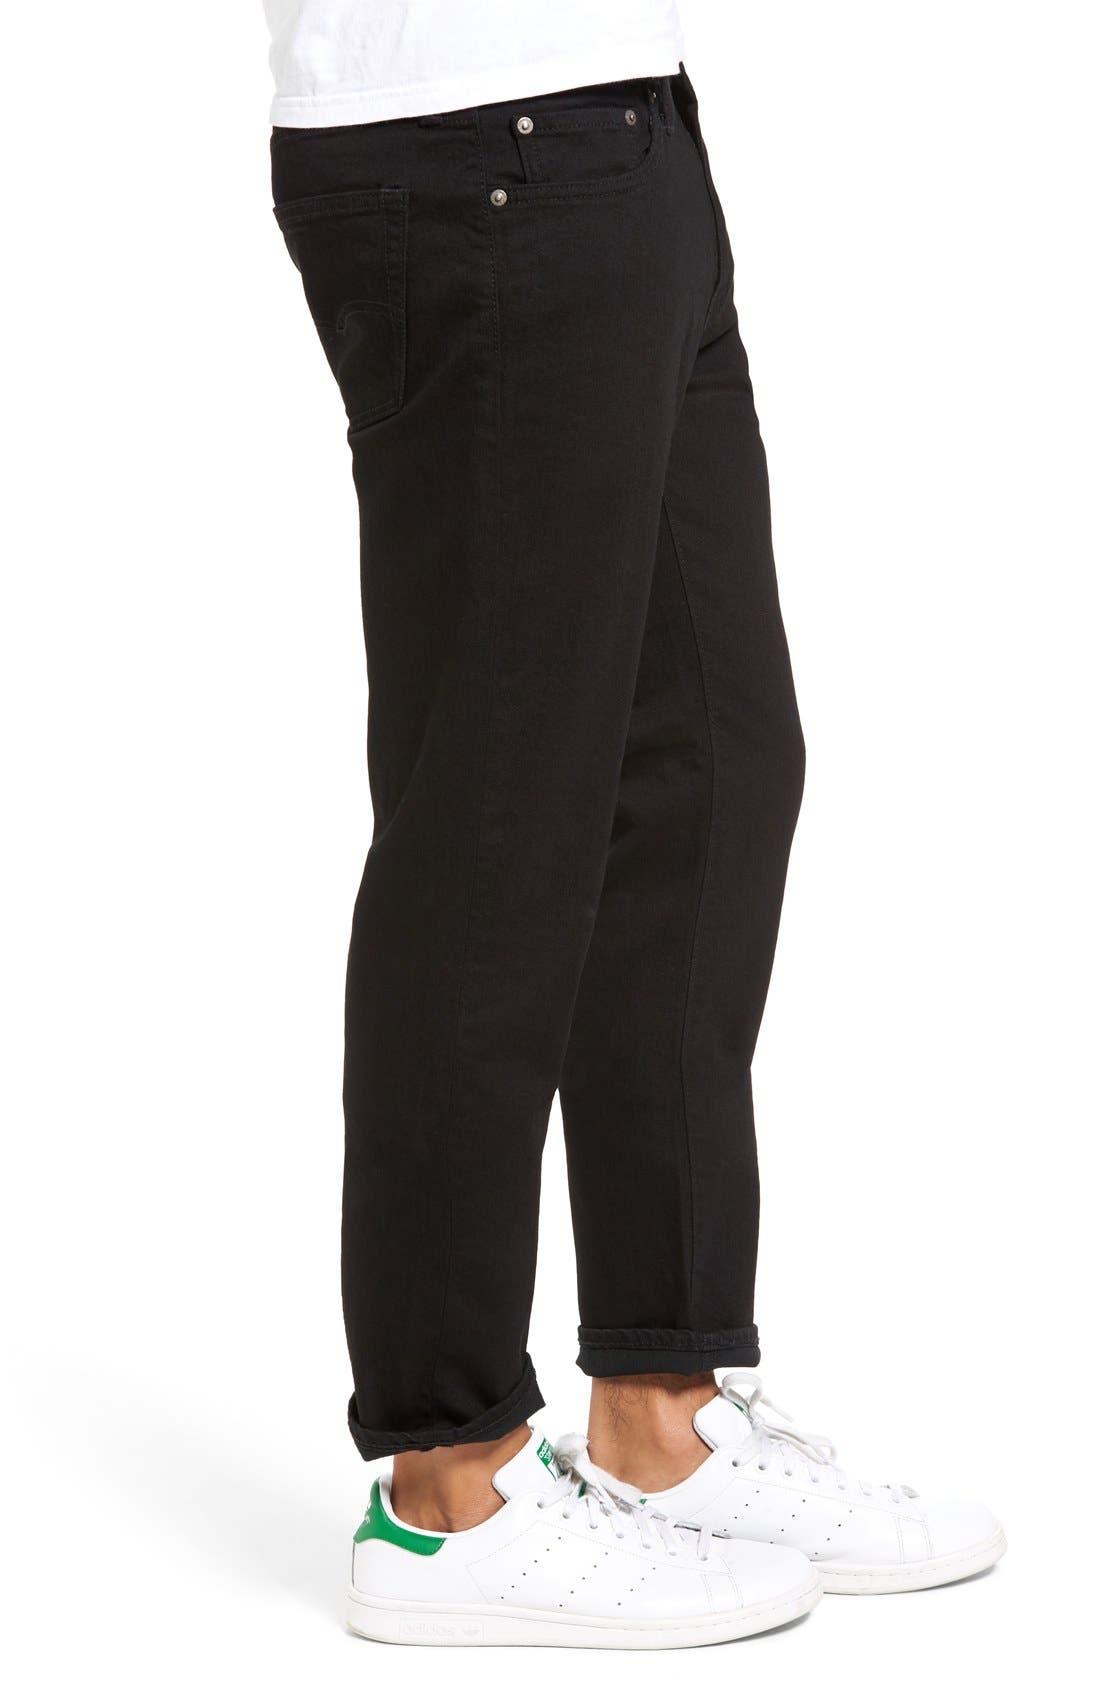 Alternate Image 3  - Levi's® 511™ Slim Fit Jeans (Nightshine) (Regular & Tall)